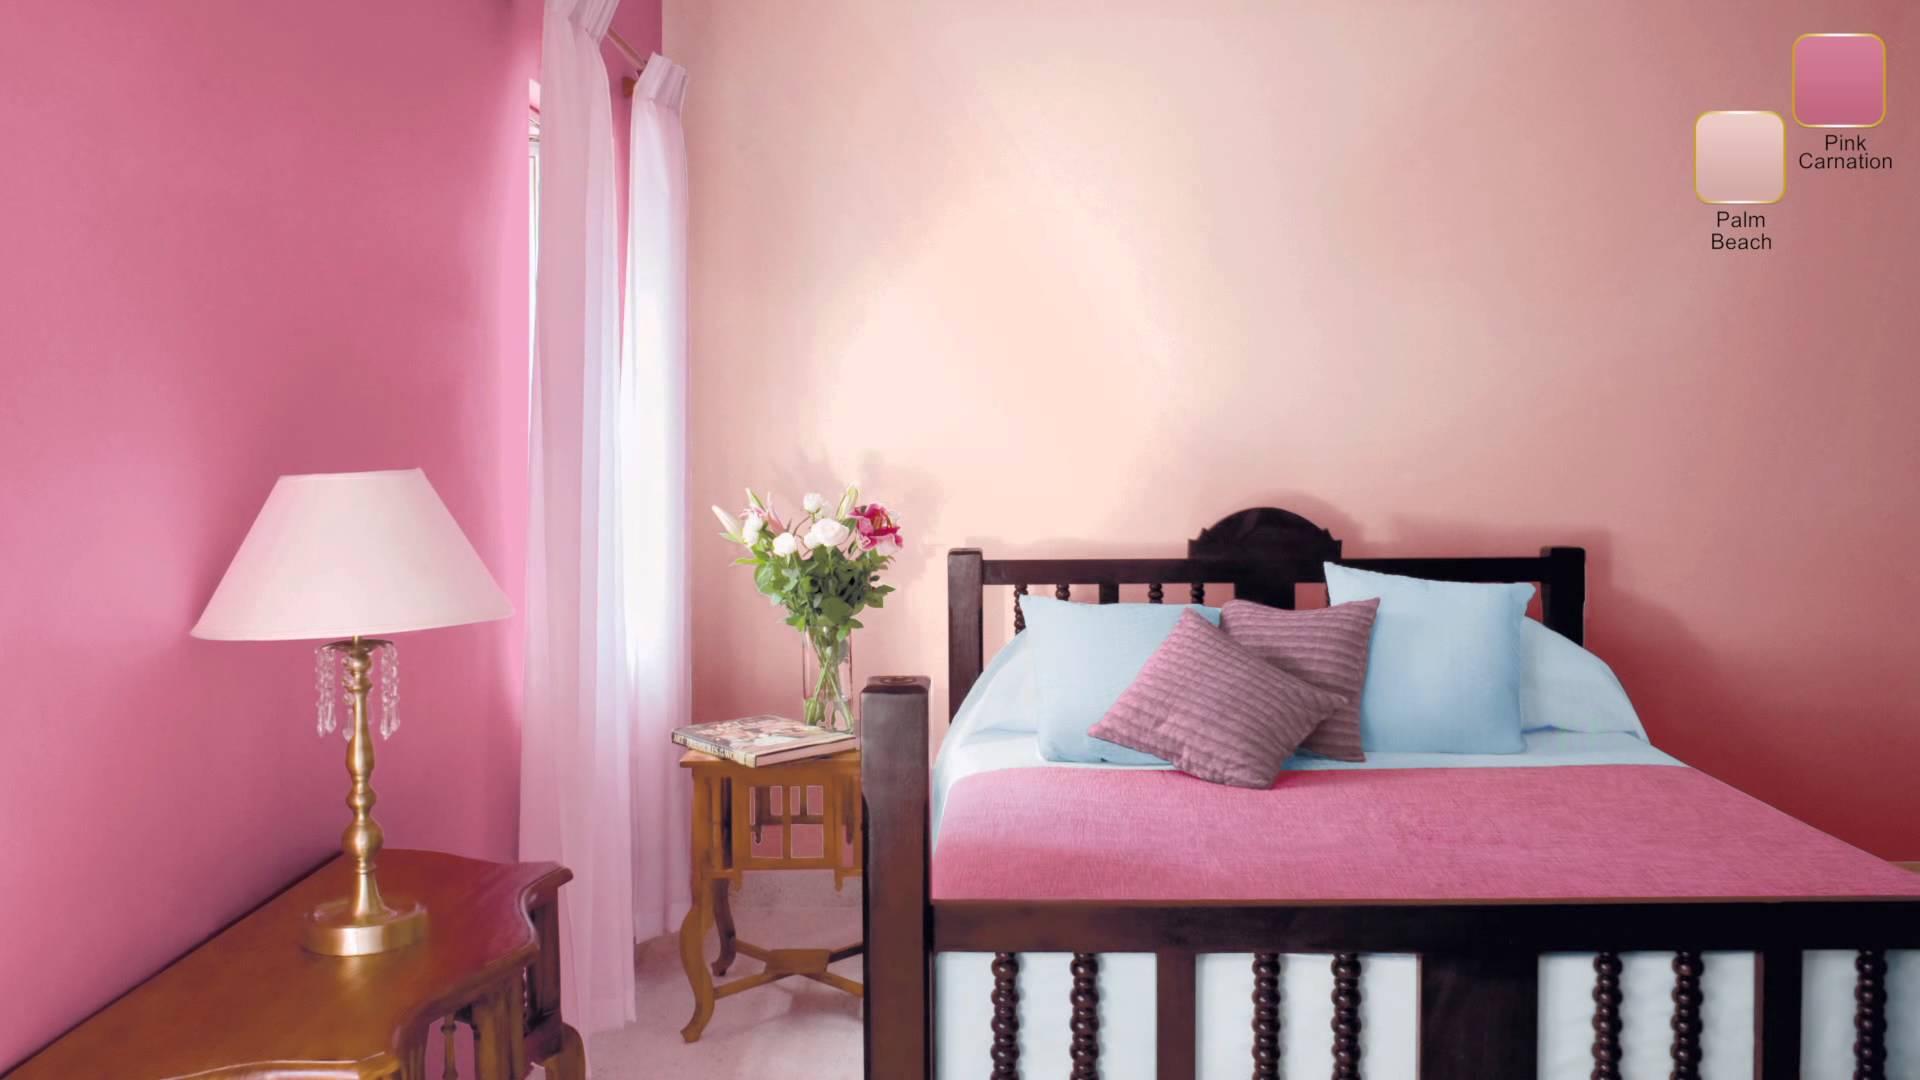 بالصور دهانات غرف اطفال , احدث الدهانات لغرفة طفلك 869 10